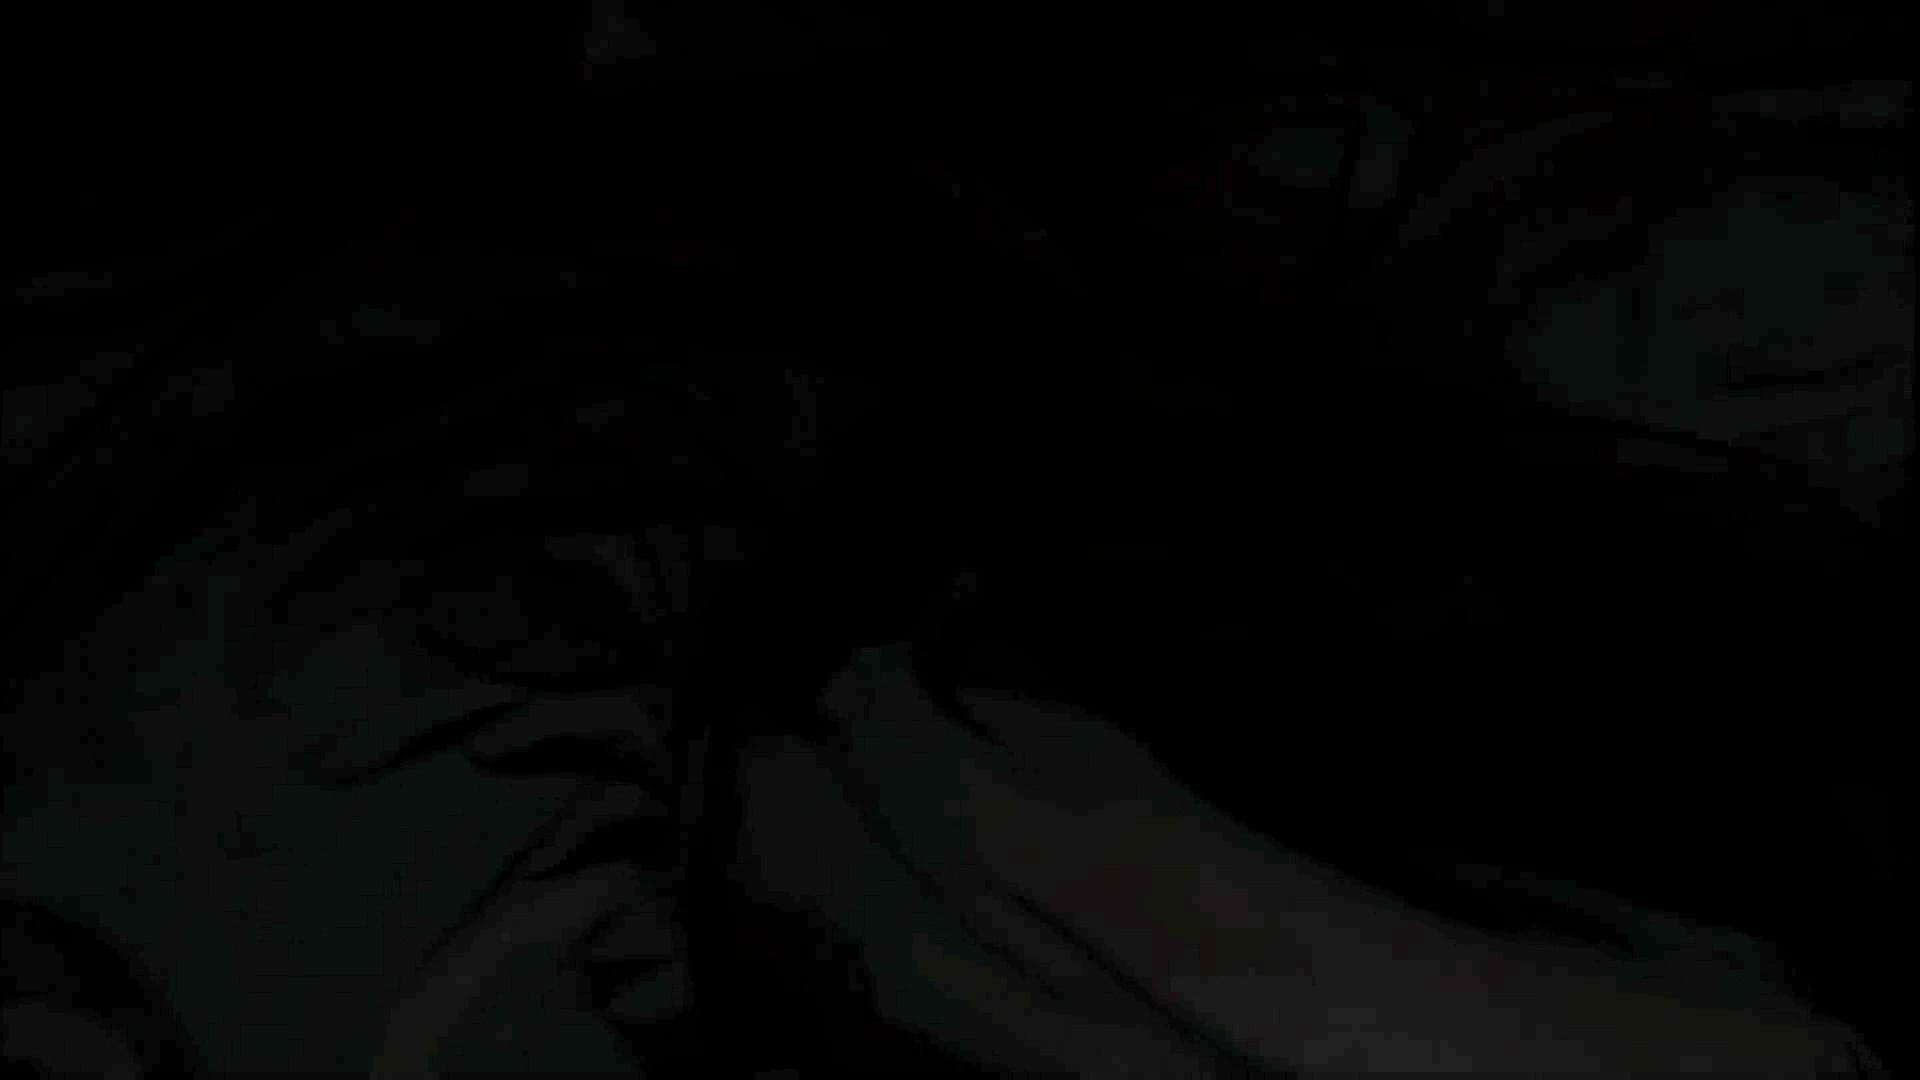 イカせ屋 Vol.08 フェラ ゲイエロ動画 109枚 32